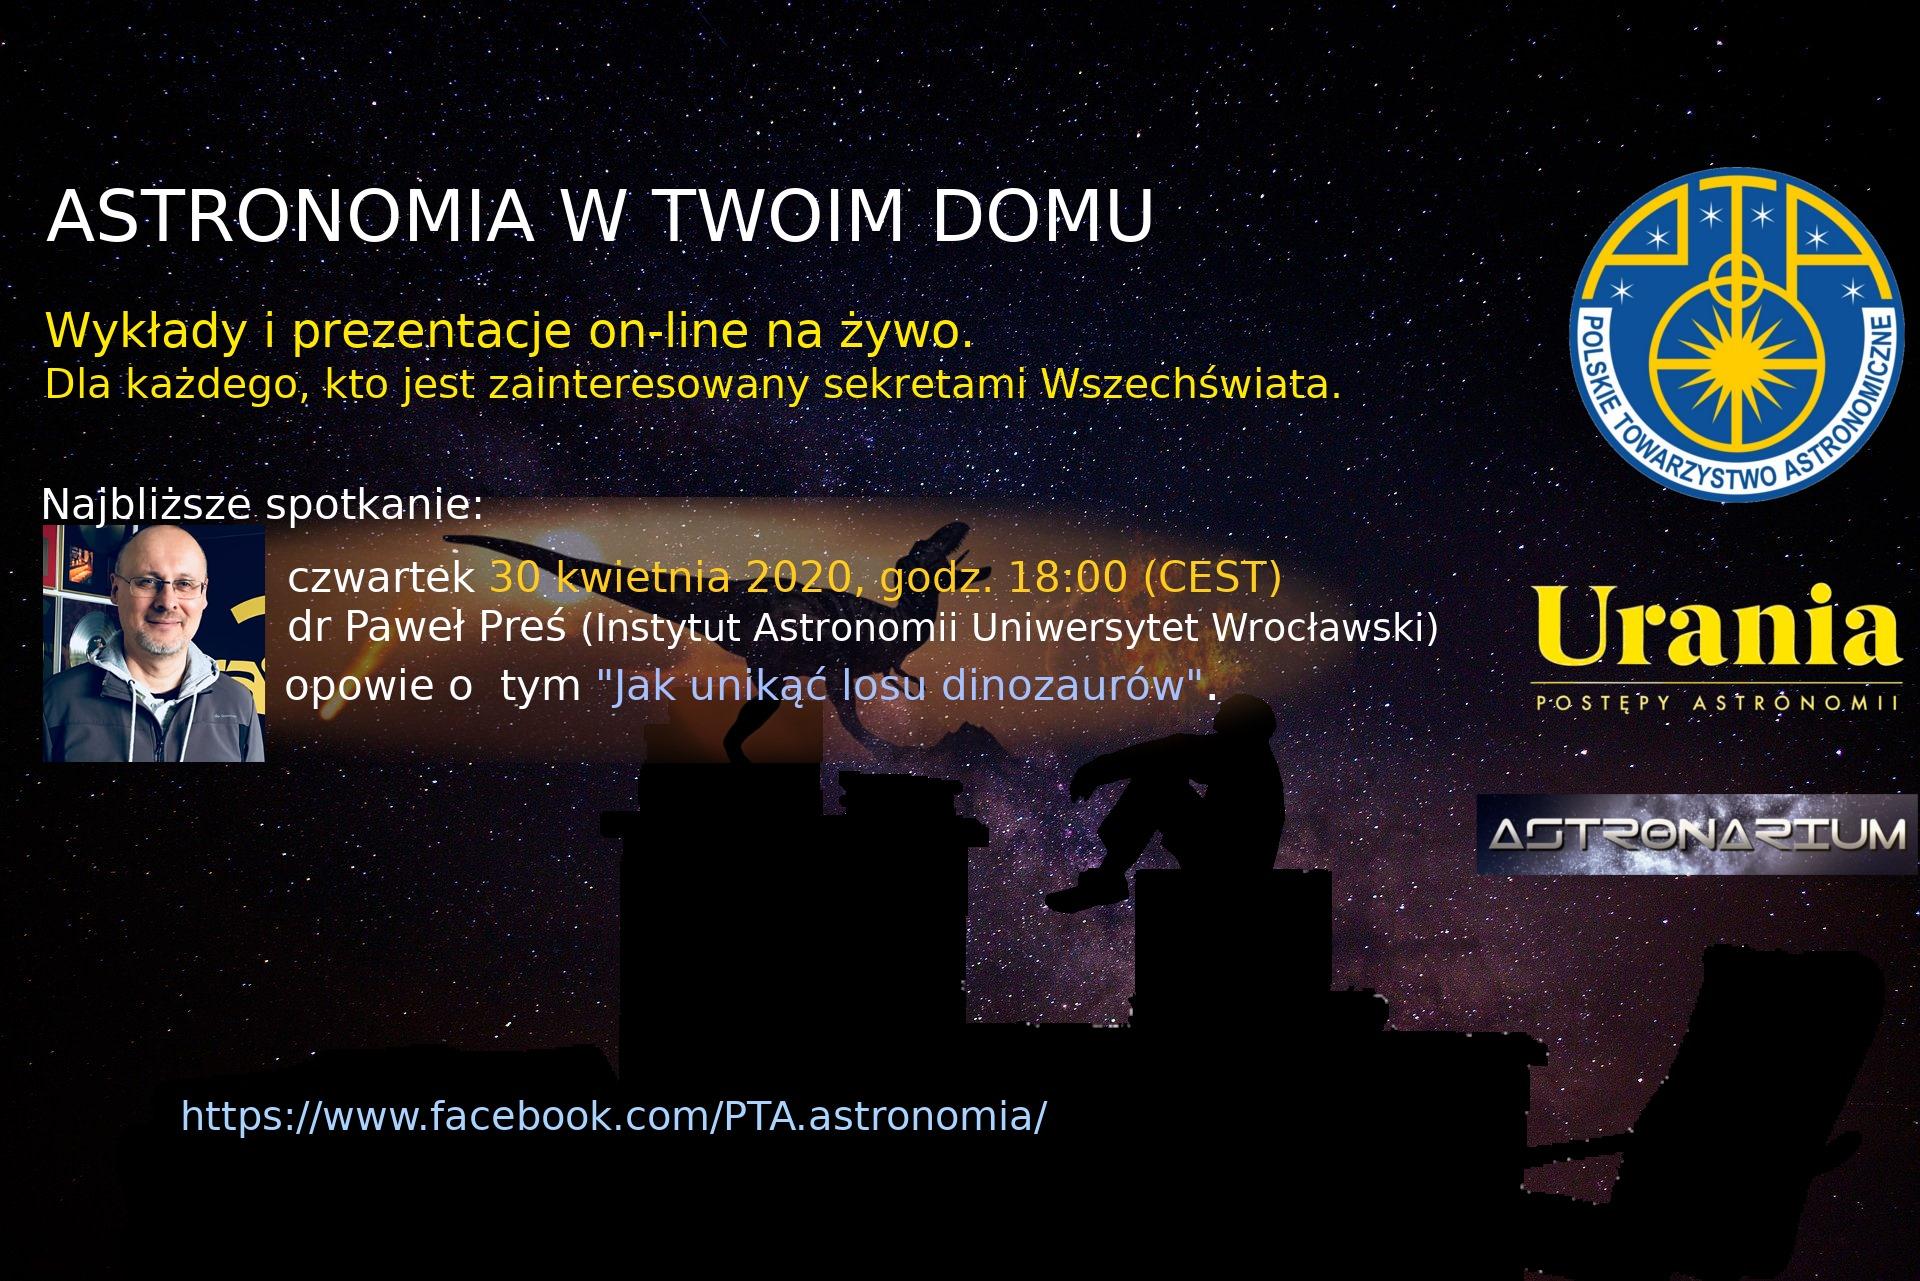 Astronomia wTwoim domu VIII @ Online